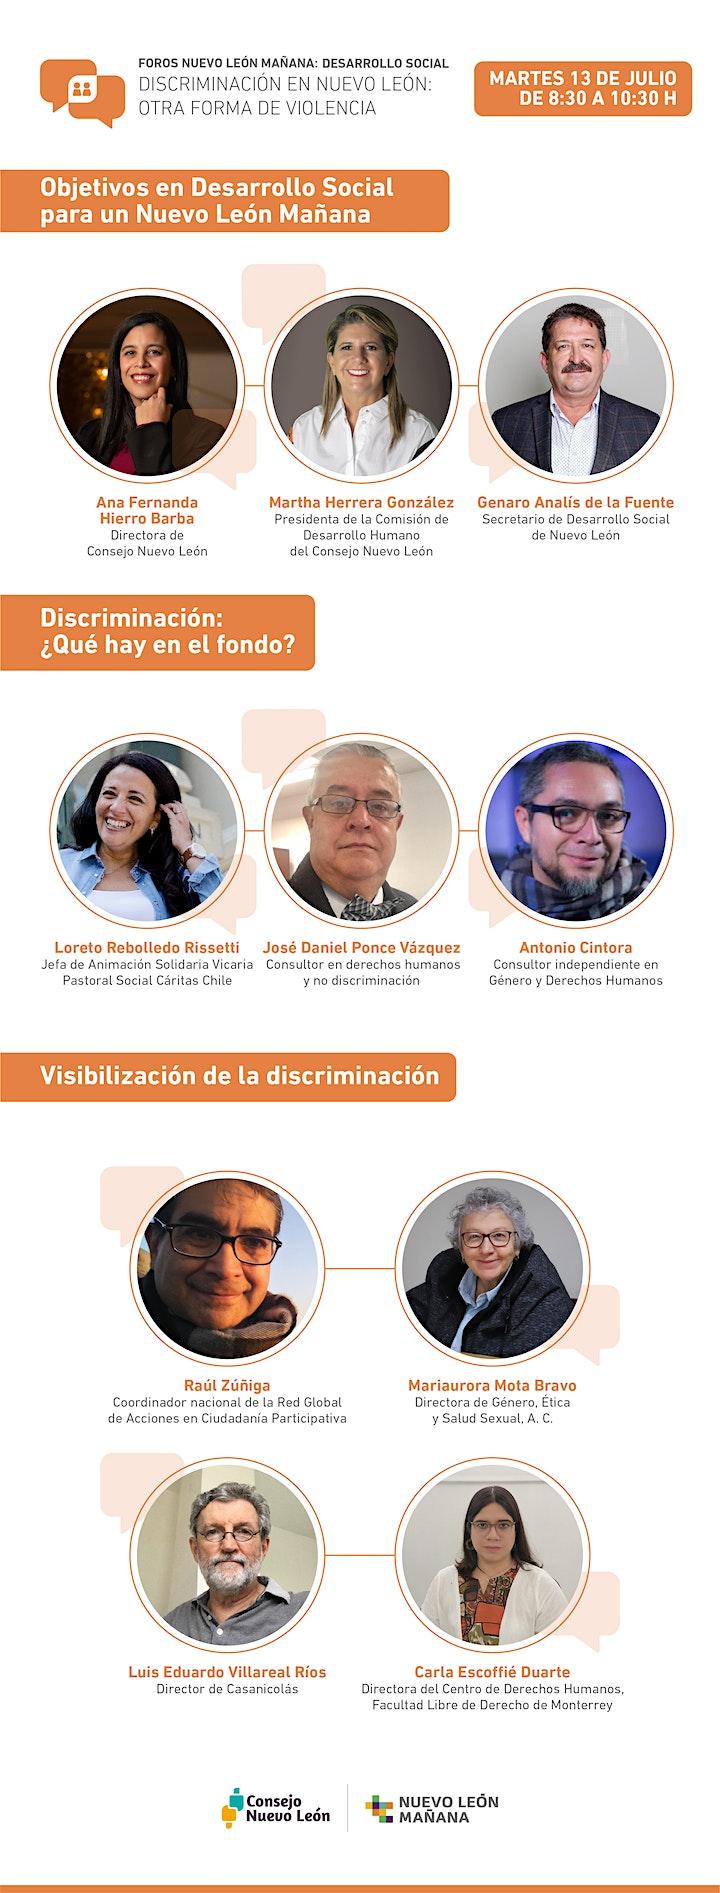 Imagen de Foros Nuevo León Mañana: D. Social -Discriminación, otra forma de violencia